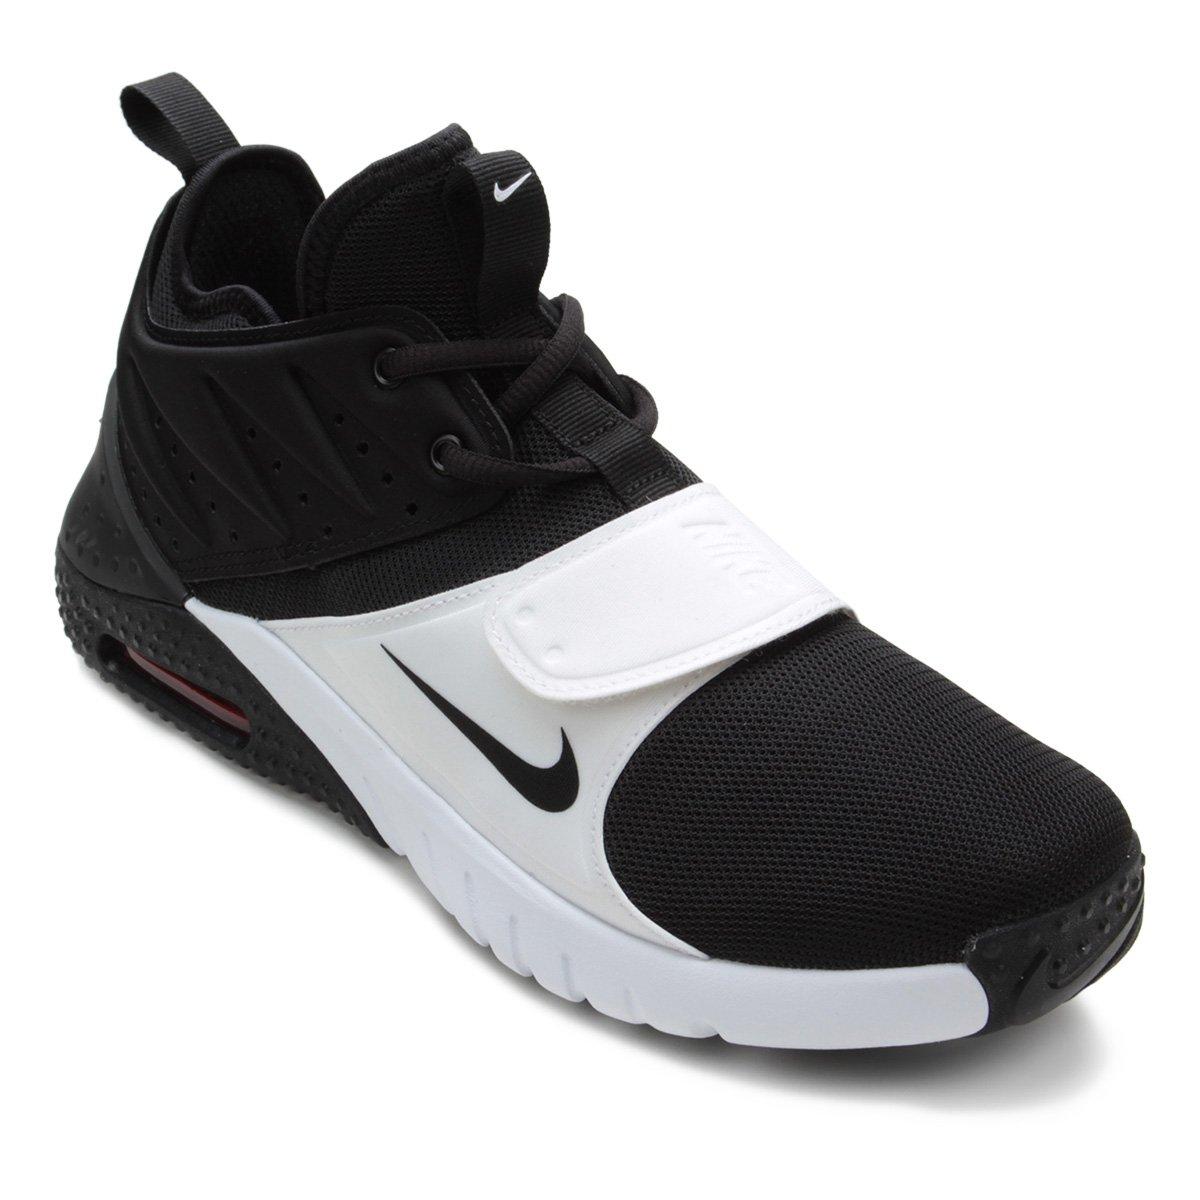 18d35fb59 Tênis Nike Air Max Trainer 1 Masculino - Preto e Branco - Compre Agora